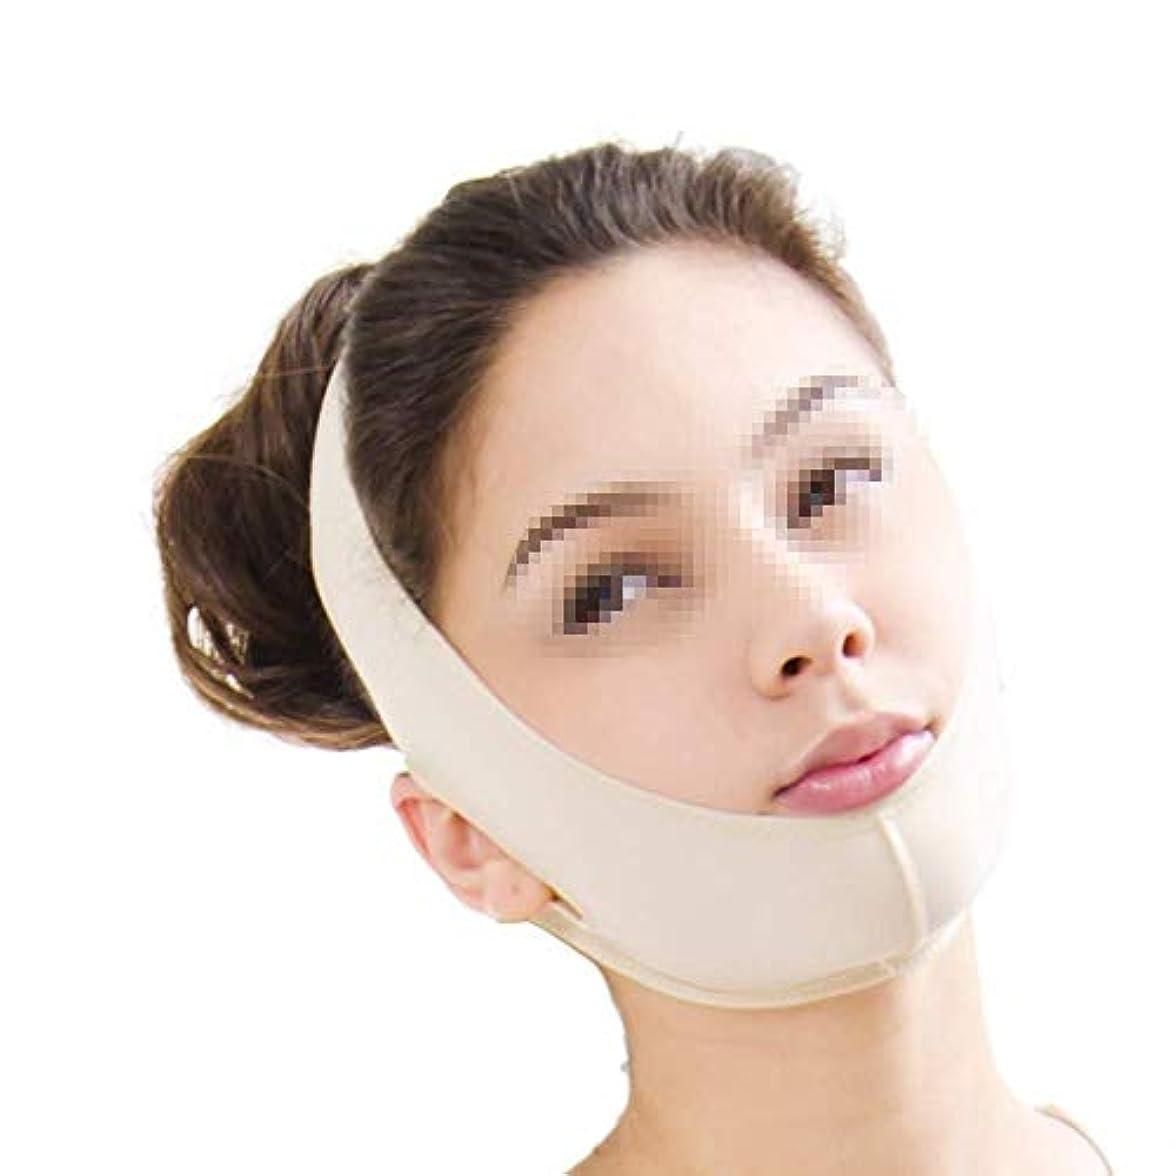 殺すパワーセルジョージスティーブンソンフェイスリフトマスク、顎顔面ダブルチン化粧品脂肪吸引後圧縮小顔包帯弾性ヘッドギア(サイズ:XXL)